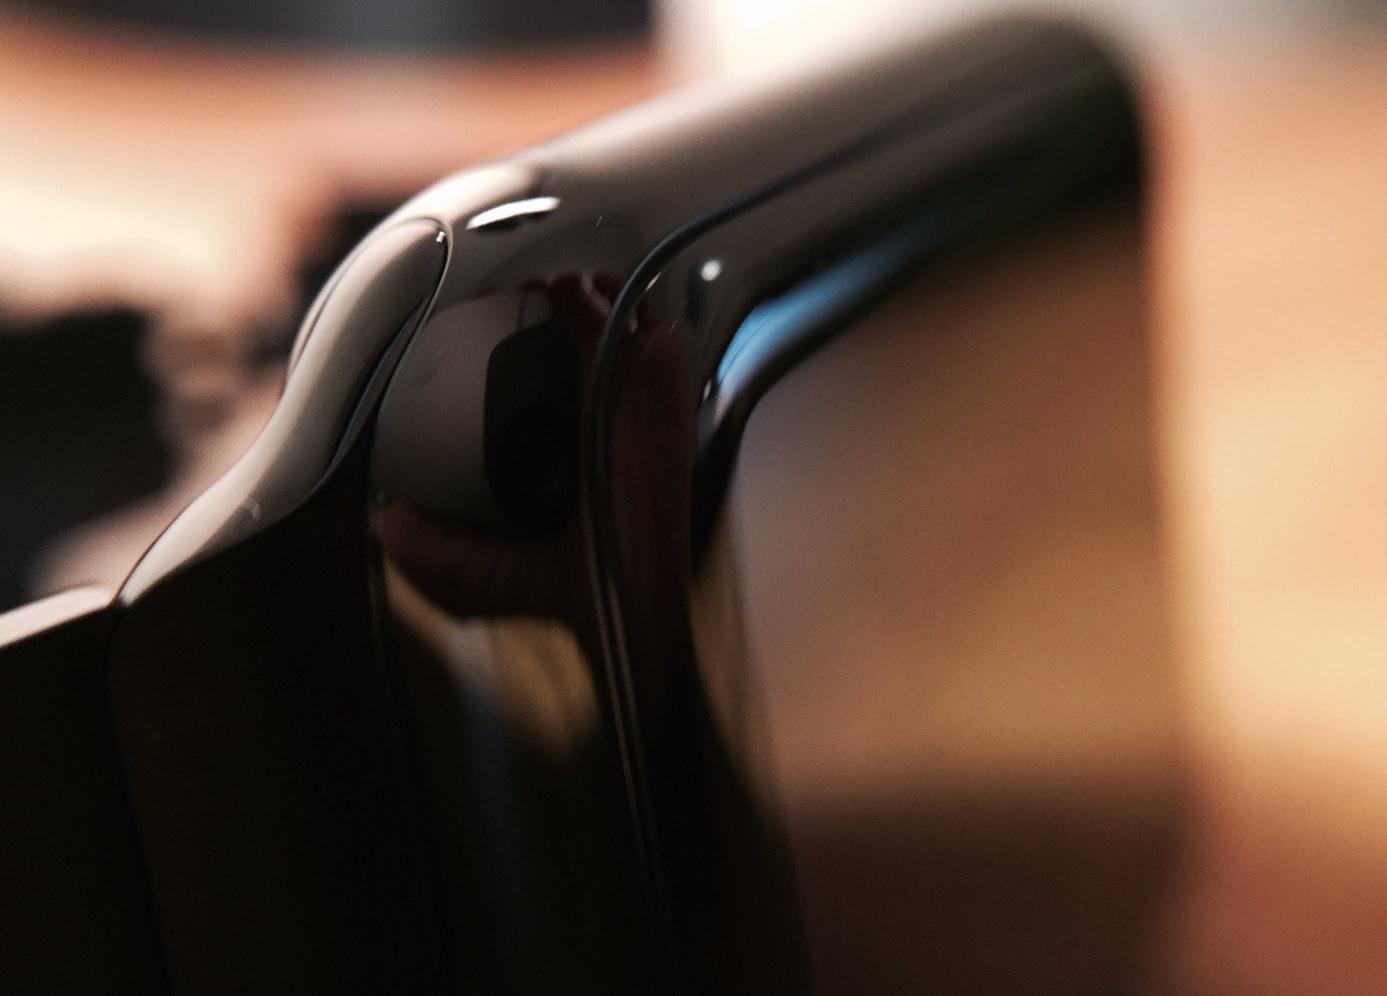 Stålet vil bli svart og blankt, slik som Apple Watch.